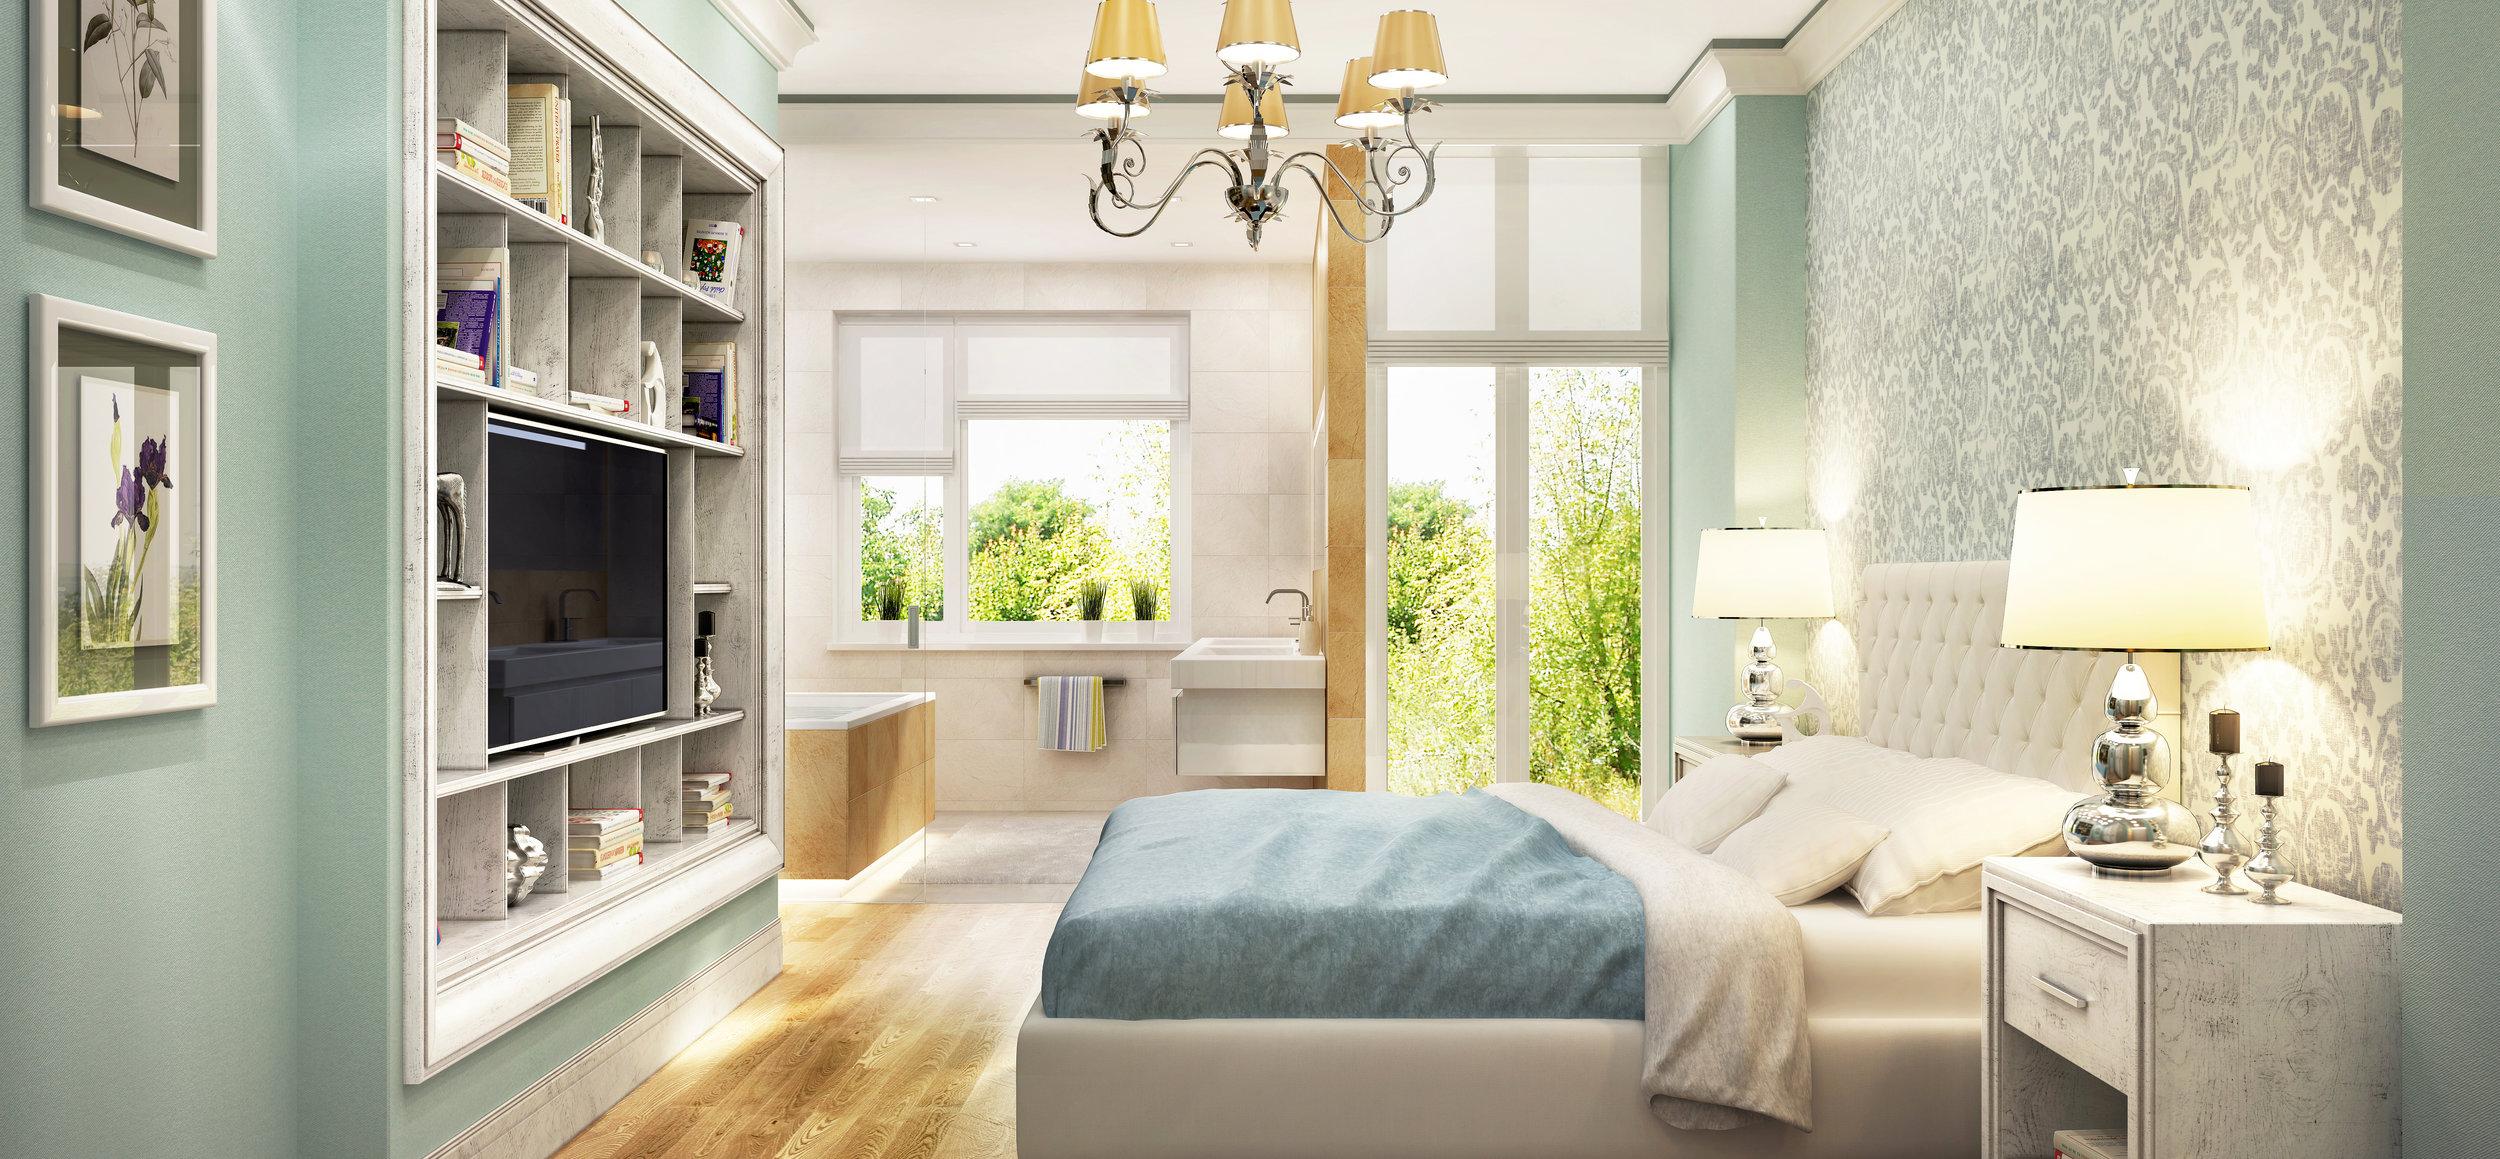 Modern bathroom in bedroom